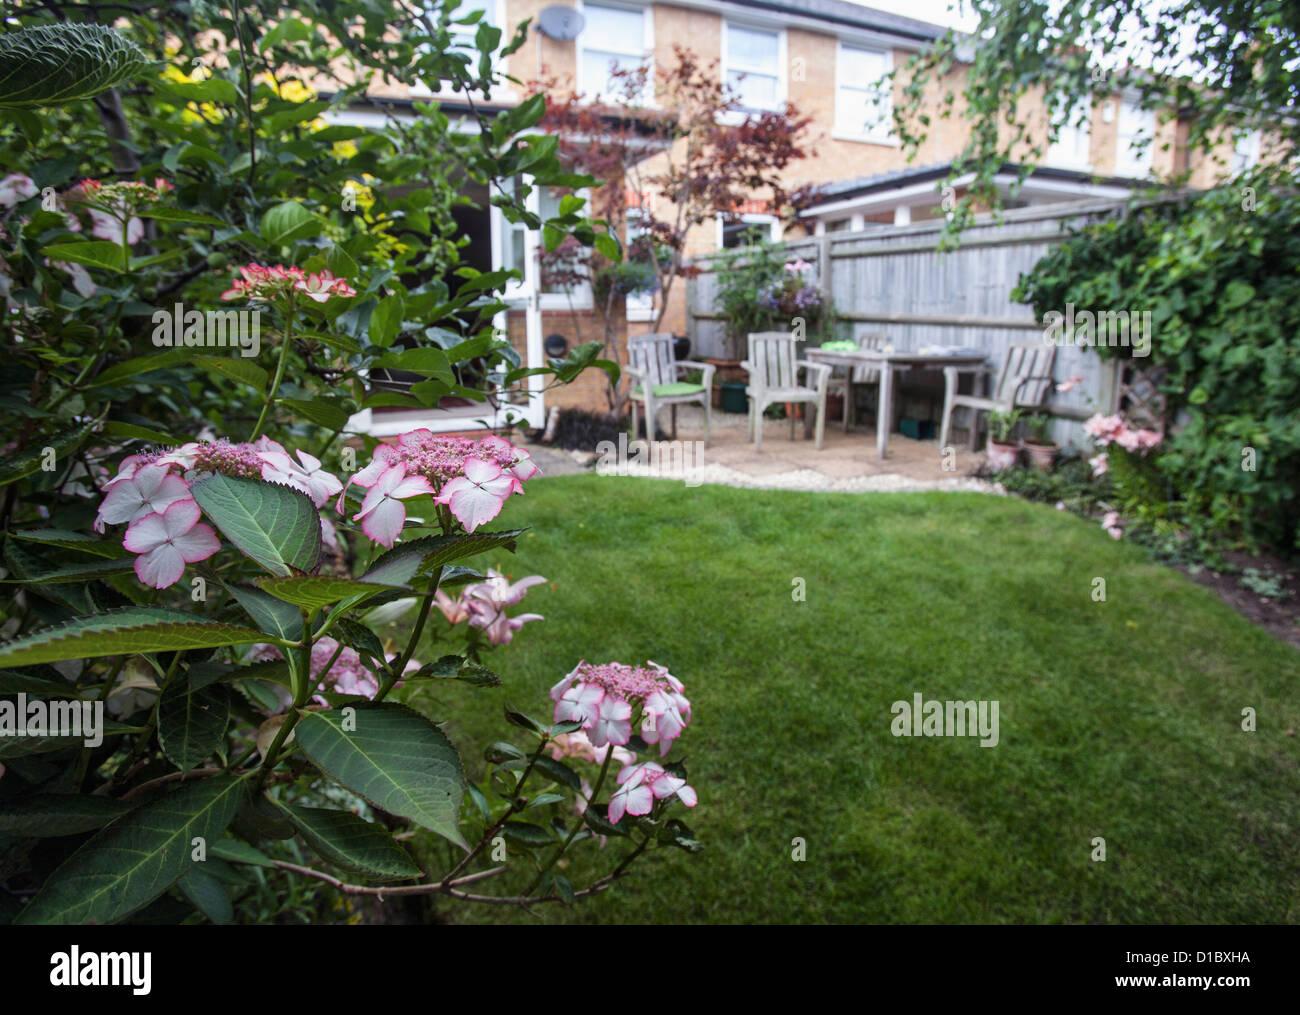 Giardino Di Una Casa suburbia - un giardino di una casa a schiera a londra in